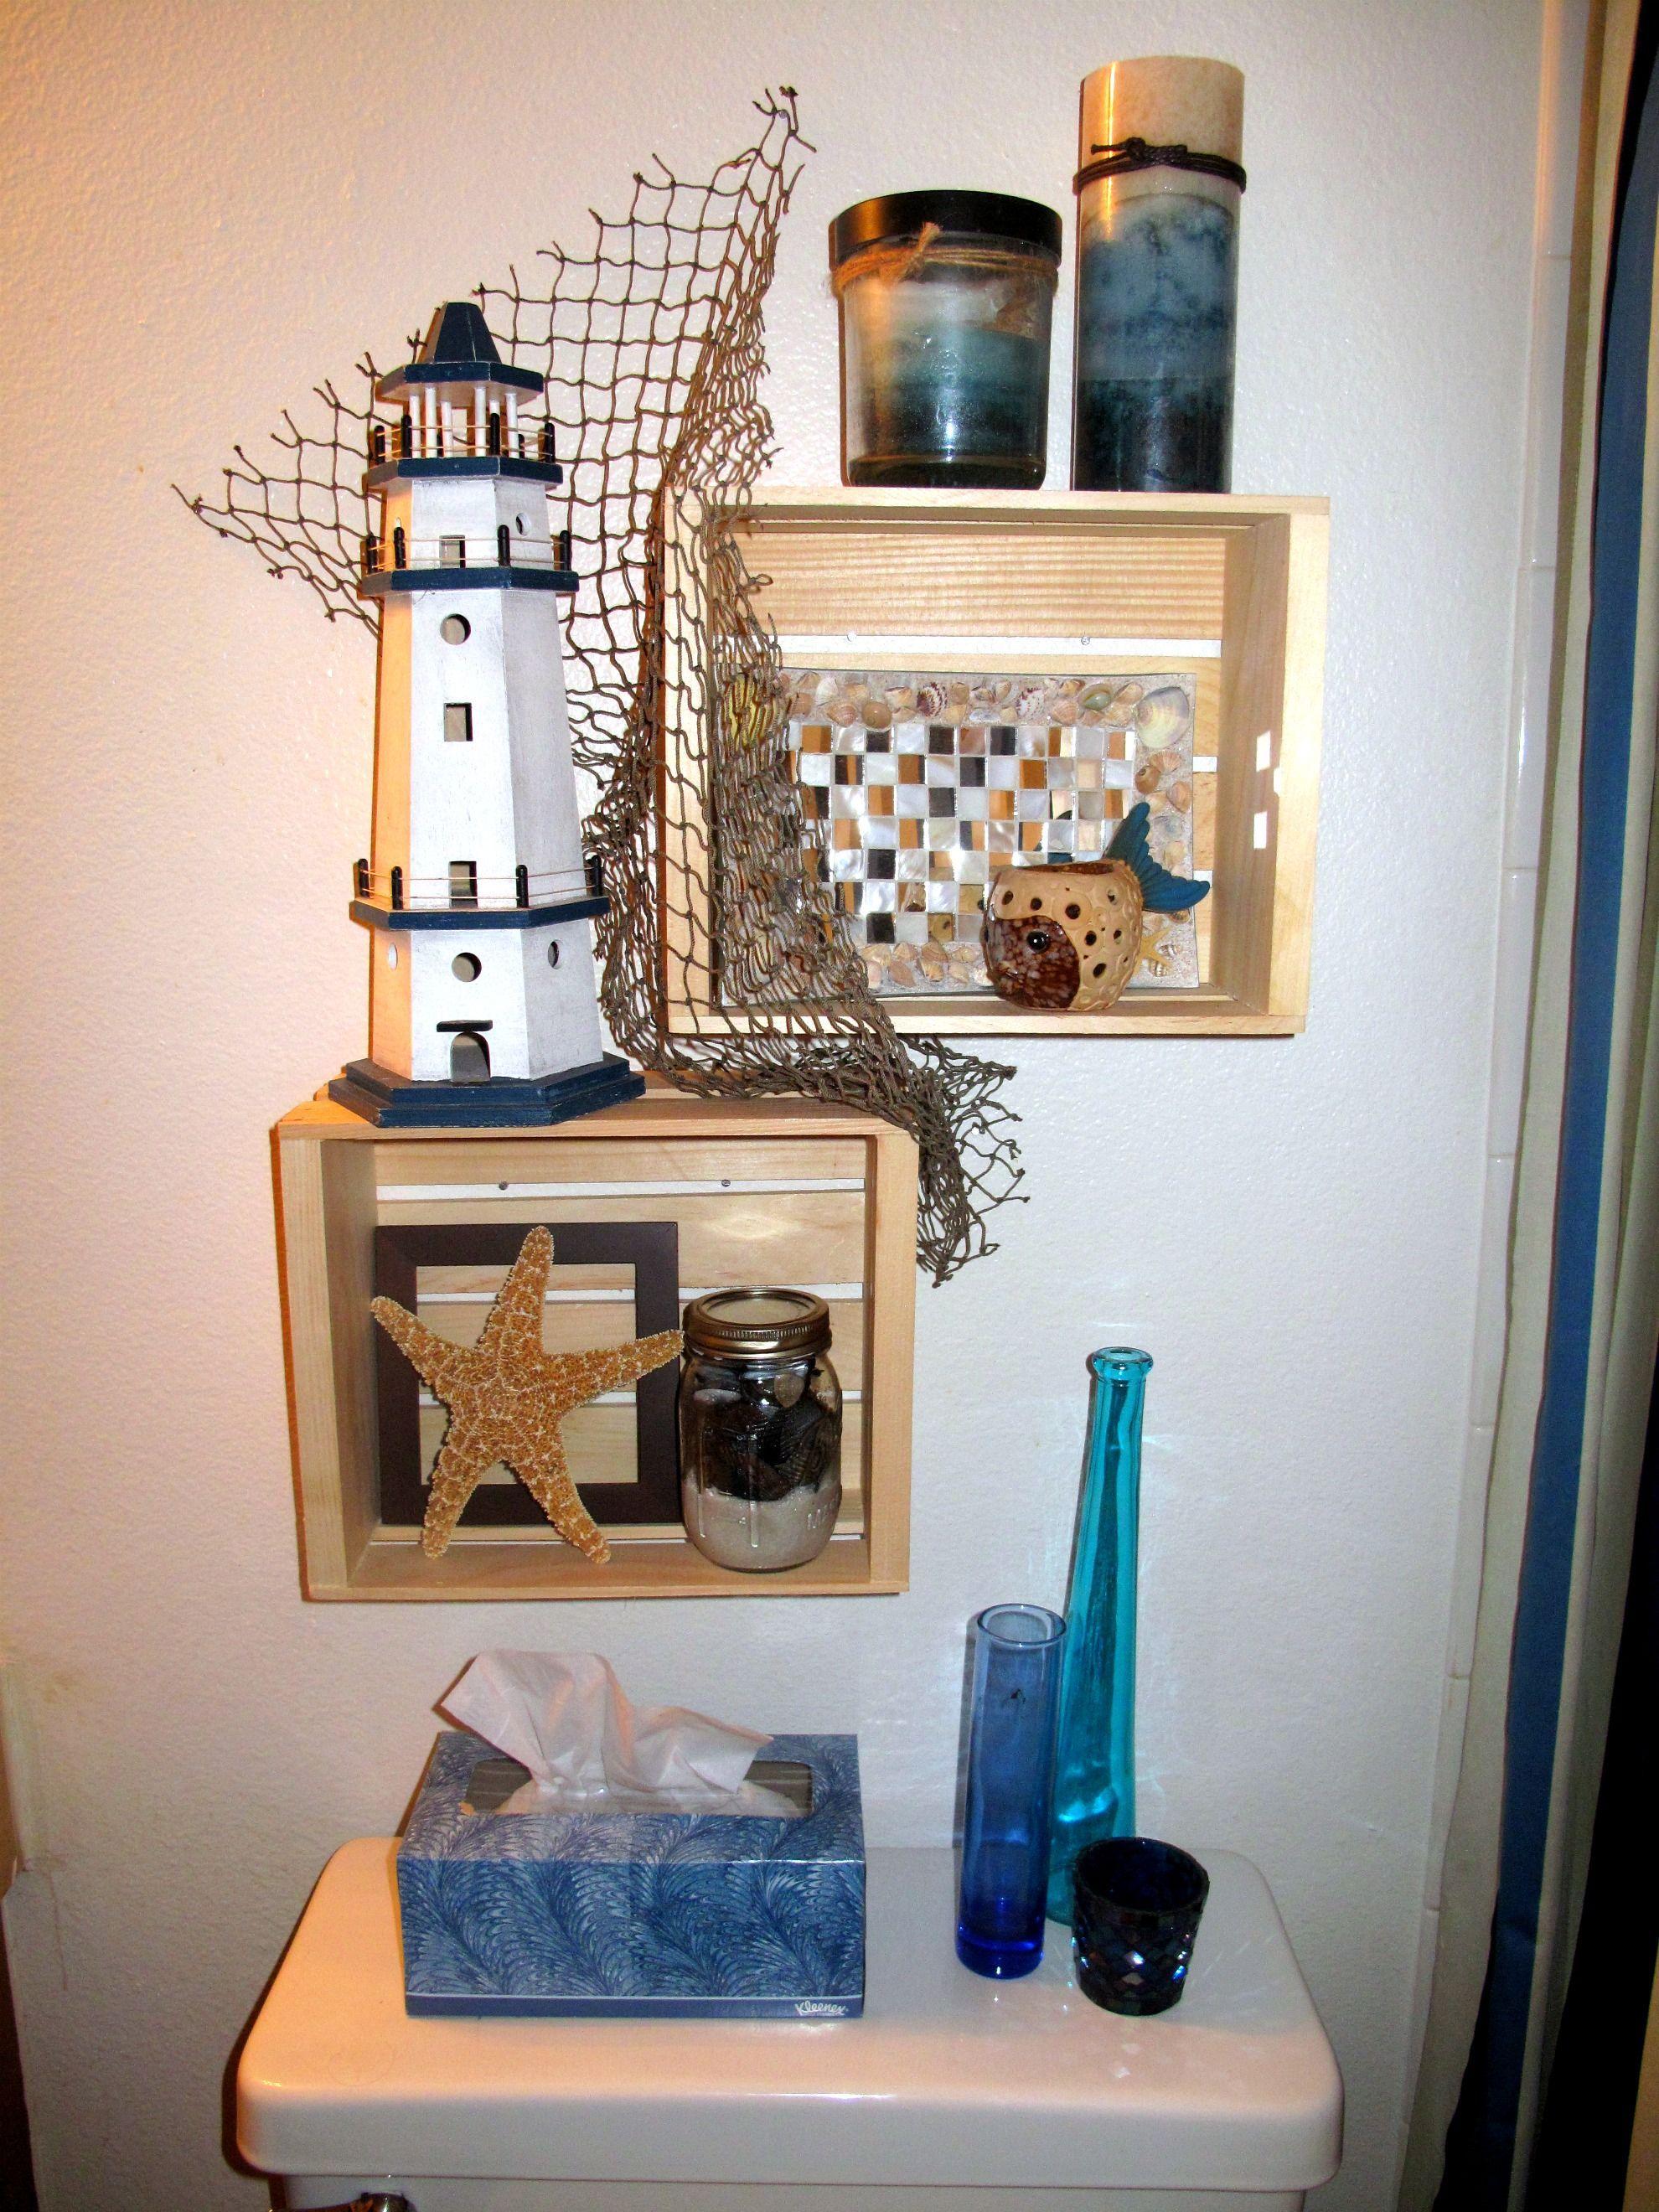 beach themed shelves i just finished in my bathroom beach decor rh pinterest com Beach Themed House Beach Themed Lighting